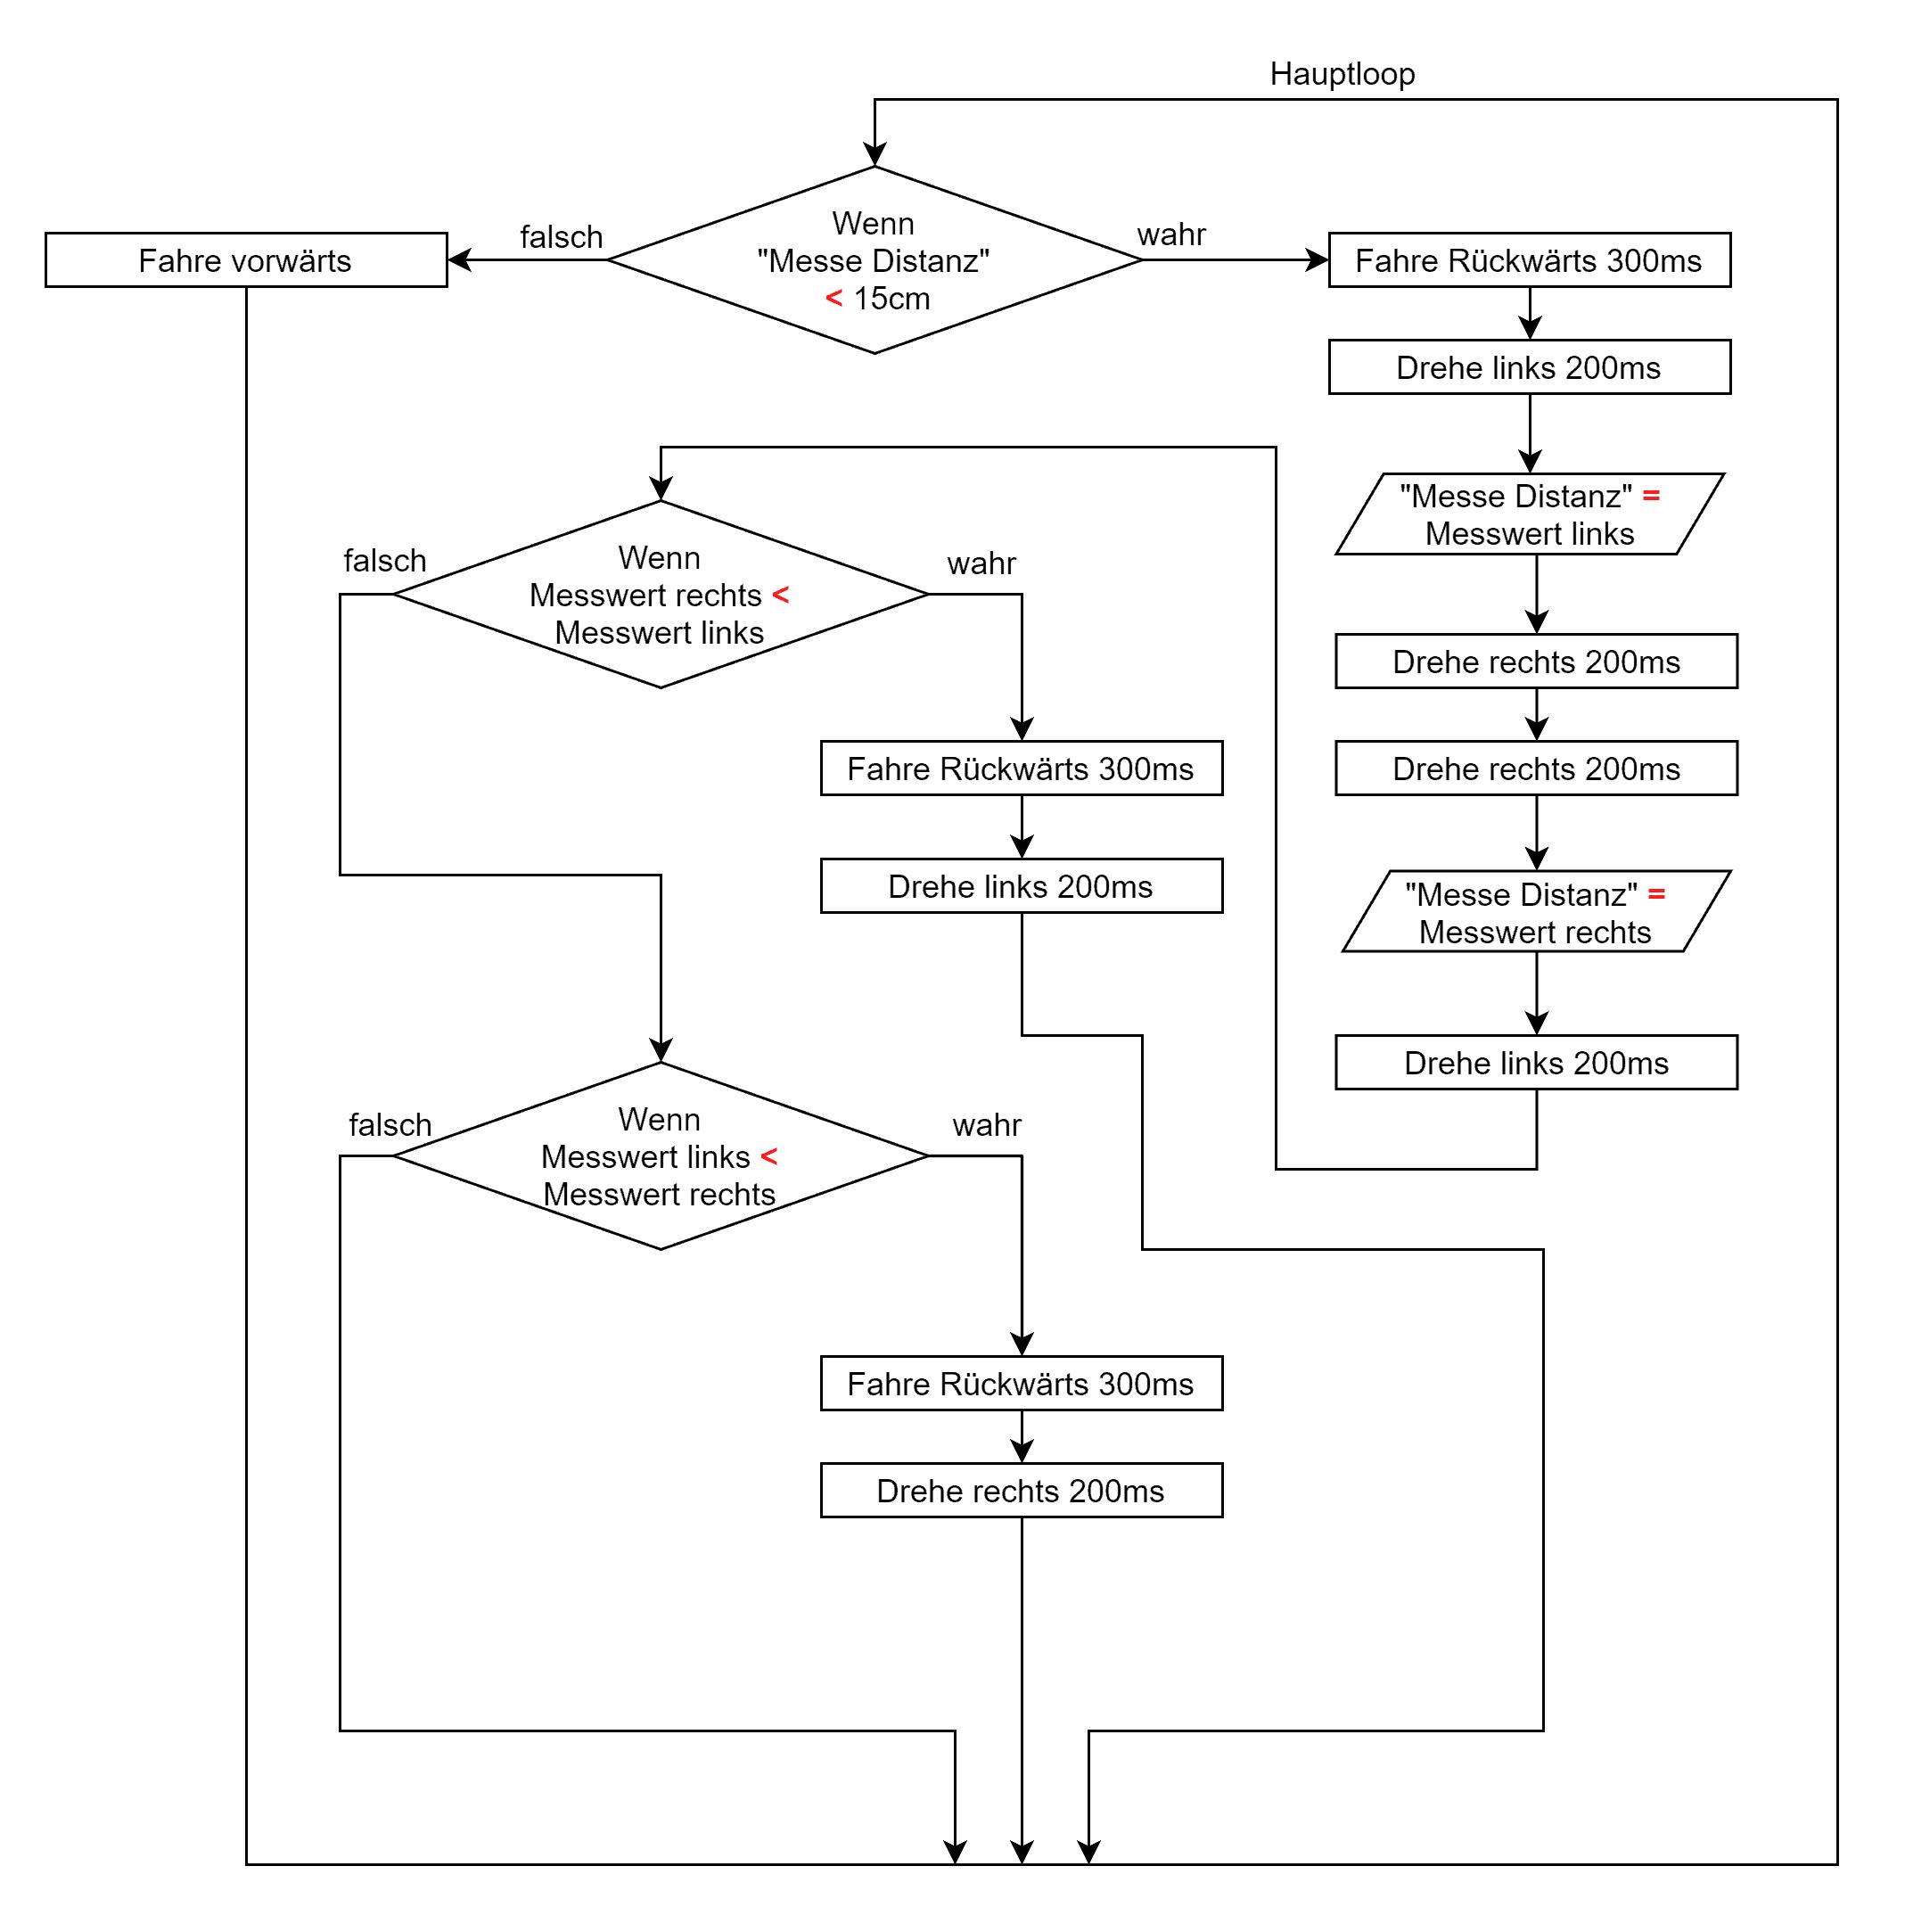 Flussdiagramm Ultraschallsensor autonomes Fahren Level 2